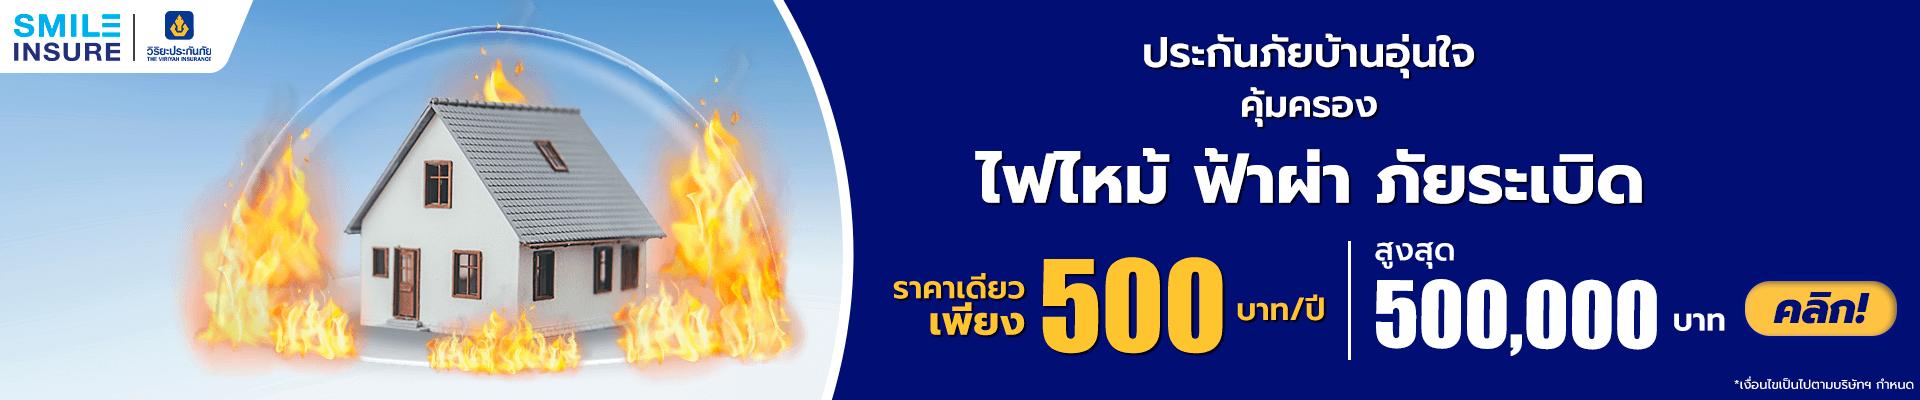 ประกันบ้าน ราคาเดียว 500.-/ปี คุ้มครอง ไฟไหม้ ฟ้าผ่า ระเบิด มีไว้อุ่นใจแน่